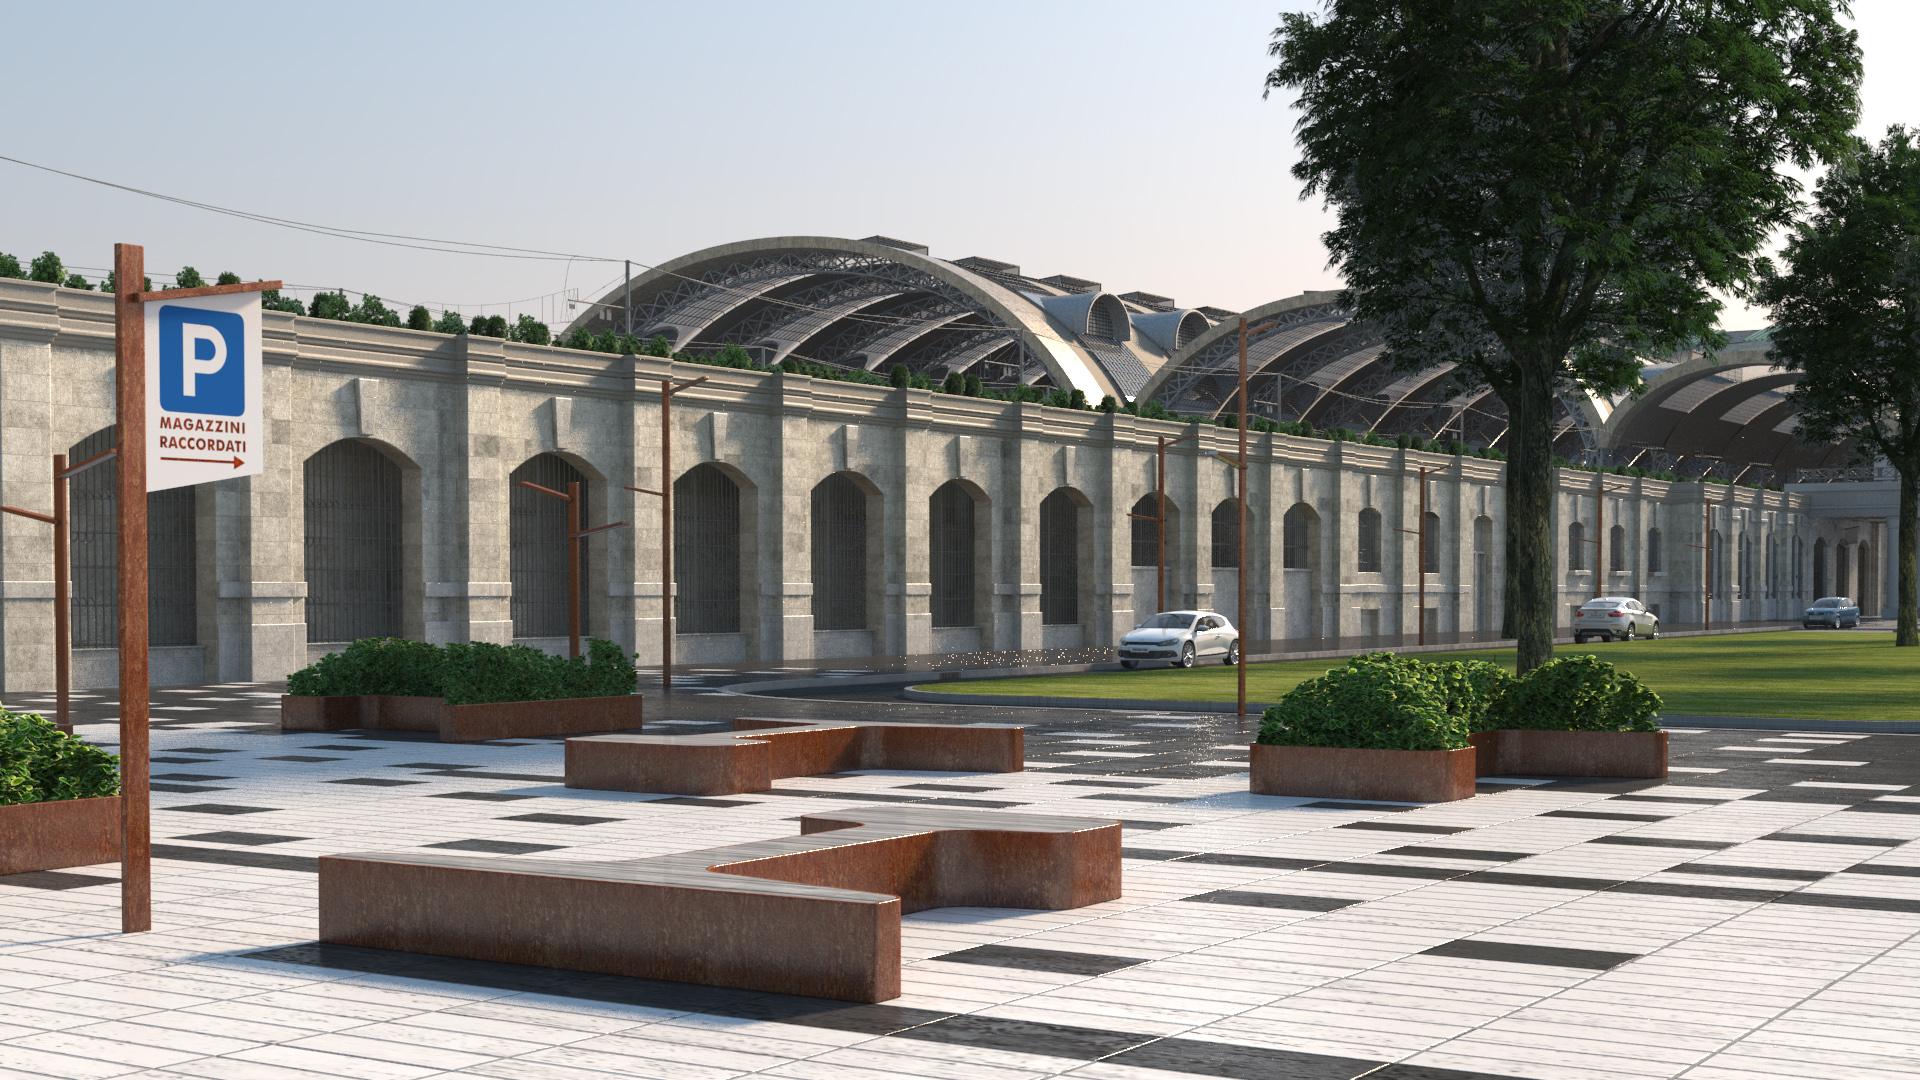 Milano stazione centrale final architettura e interior for Architettura e design milano